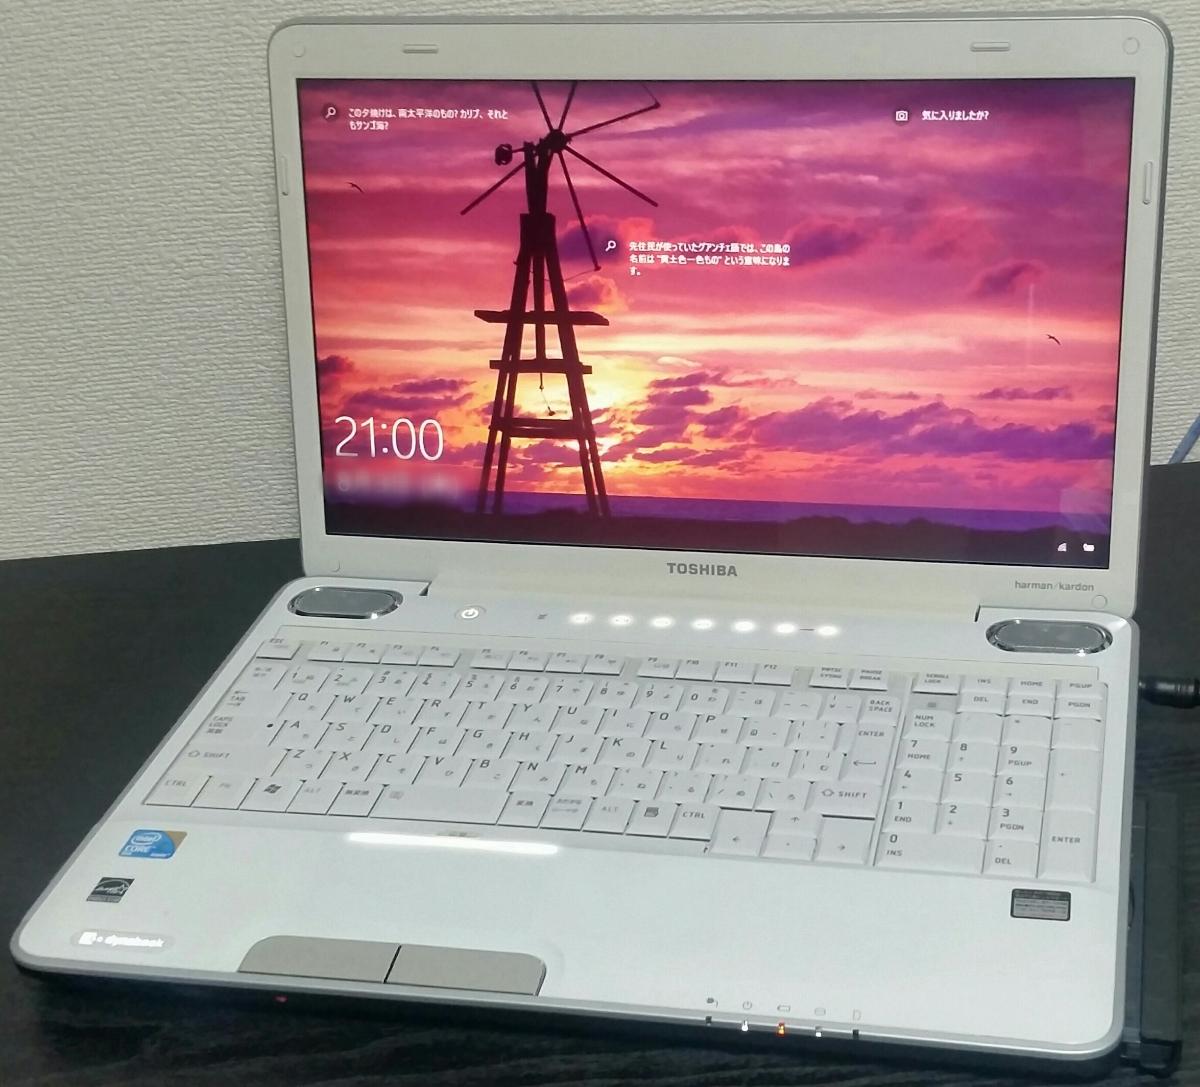 16型美Core i3☆超速★大容量SSHD新品1000G dynabook Win10 Office AC付 4GB 高音質harman/kardonスピーカー Blu-ray 人気ホワイト♪送無